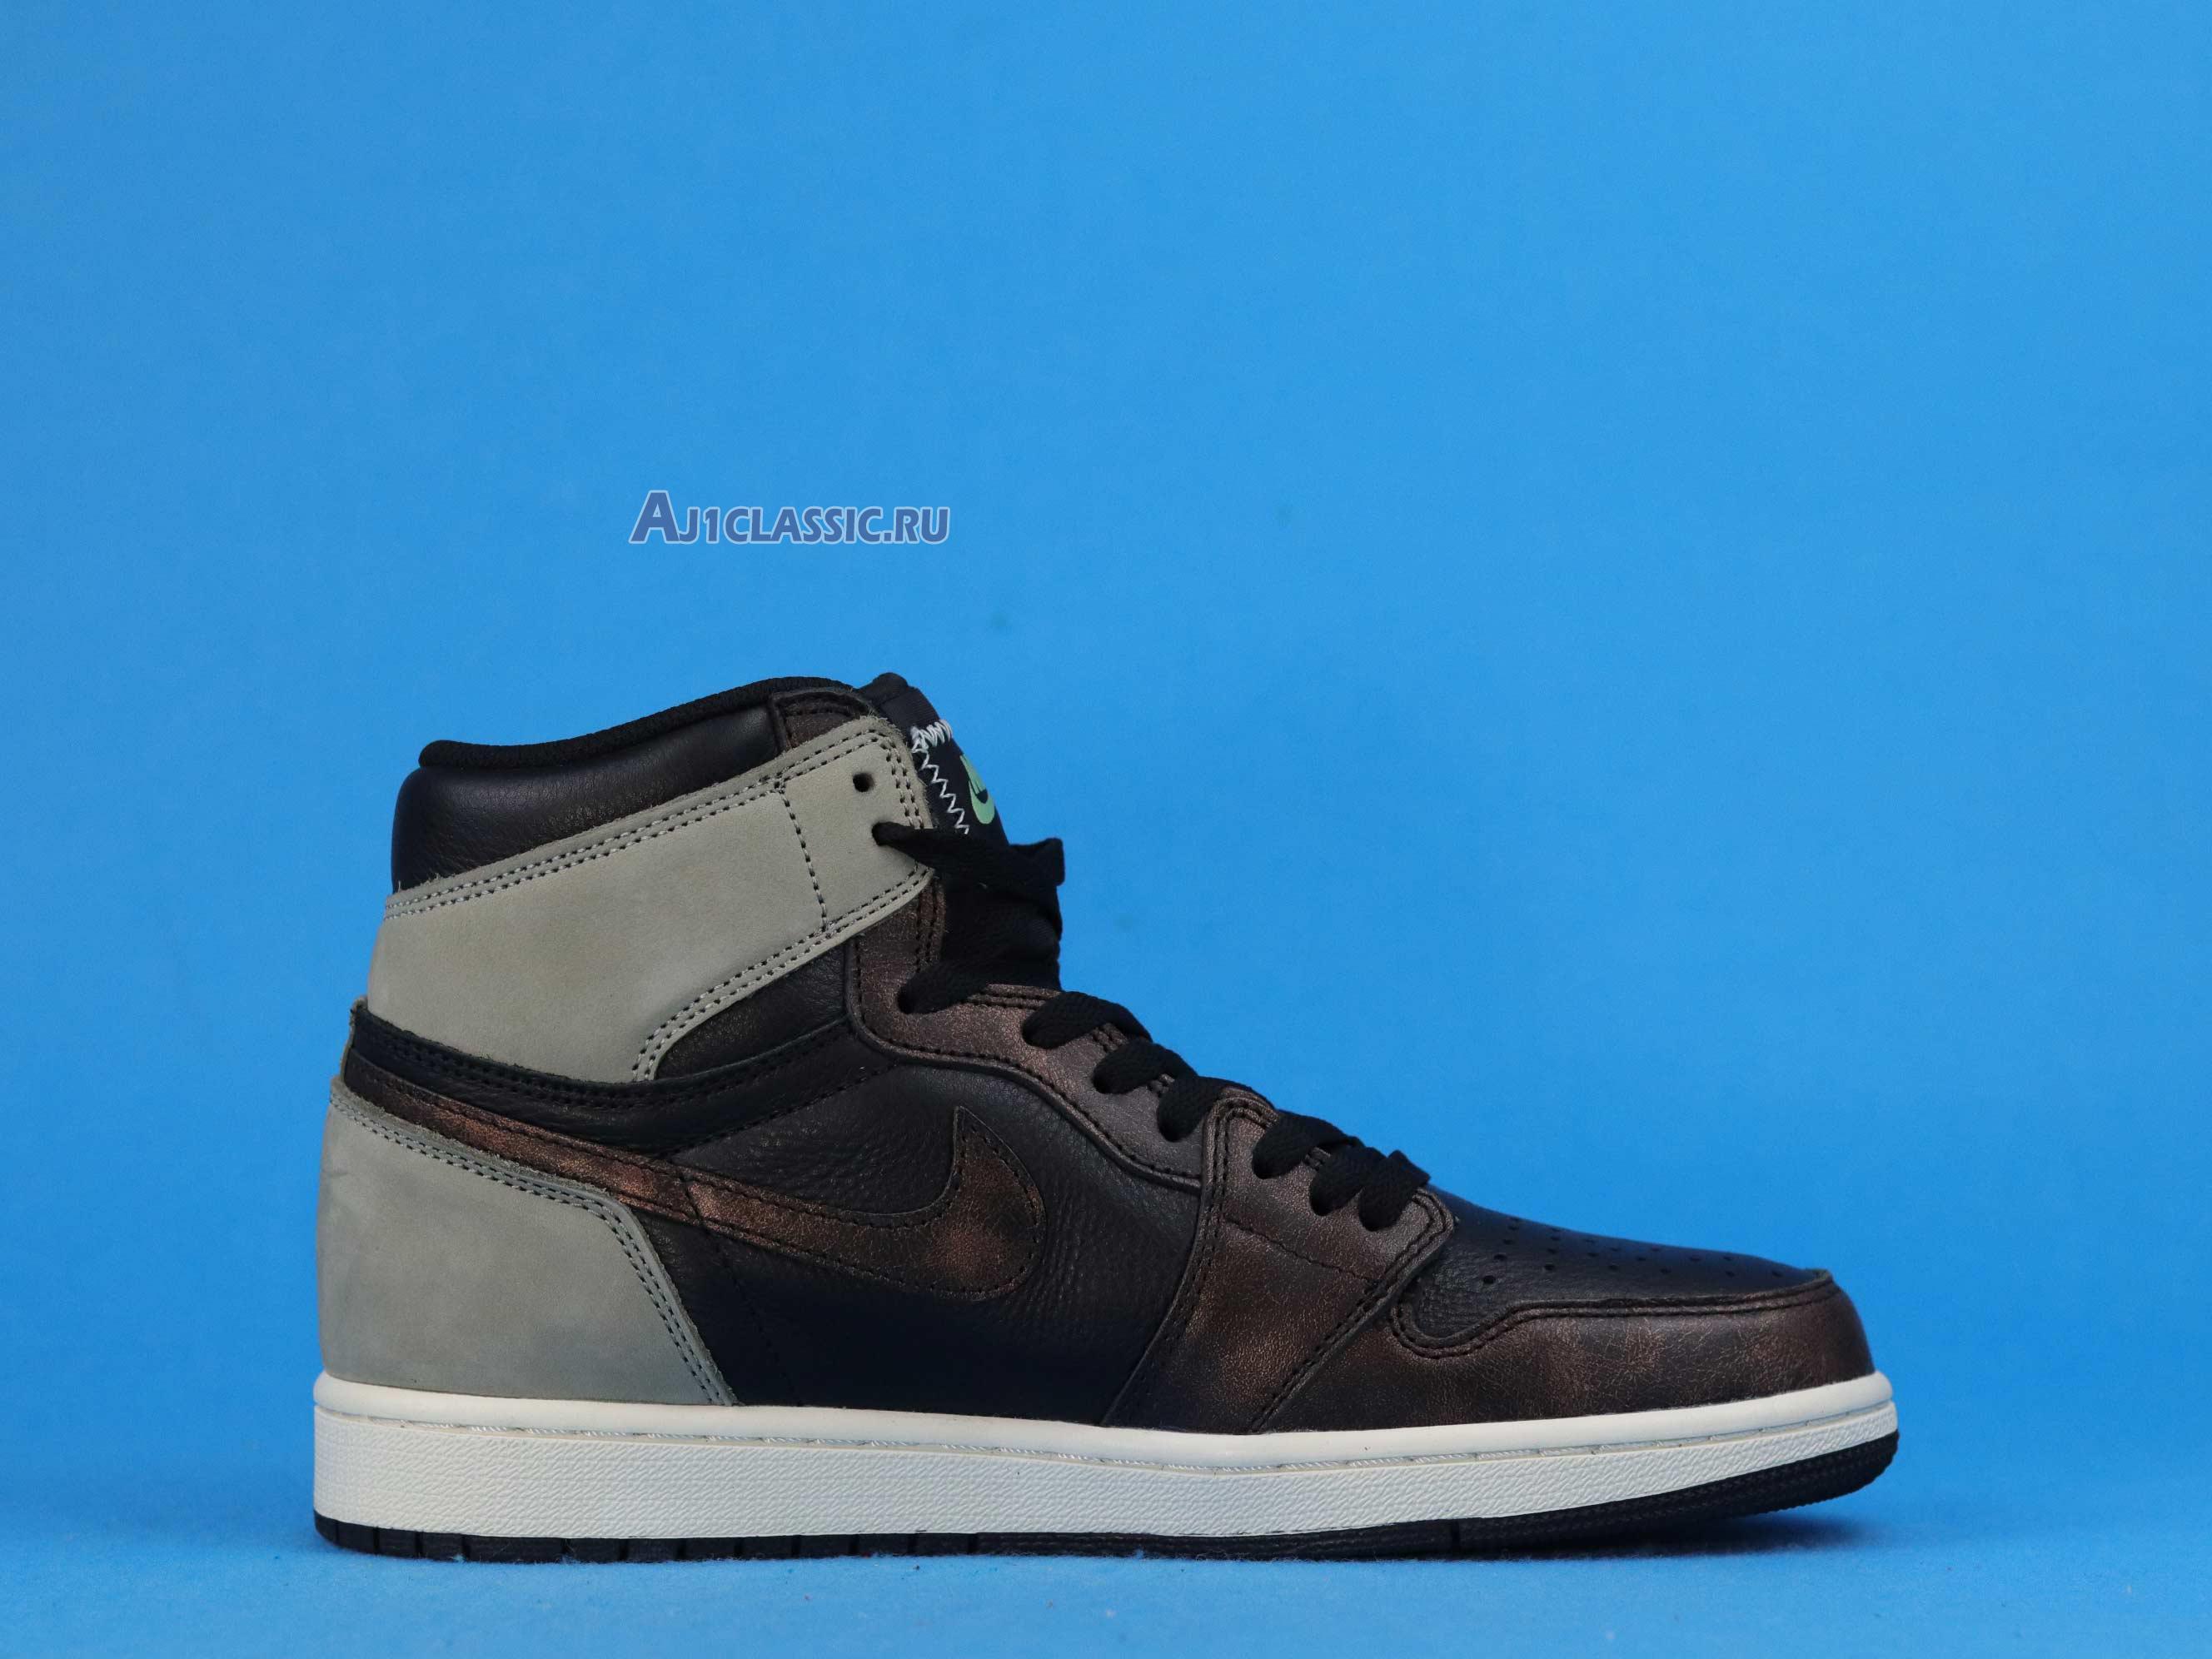 """Air Jordan 1 Retro High OG """"Patina"""" 555088-033"""